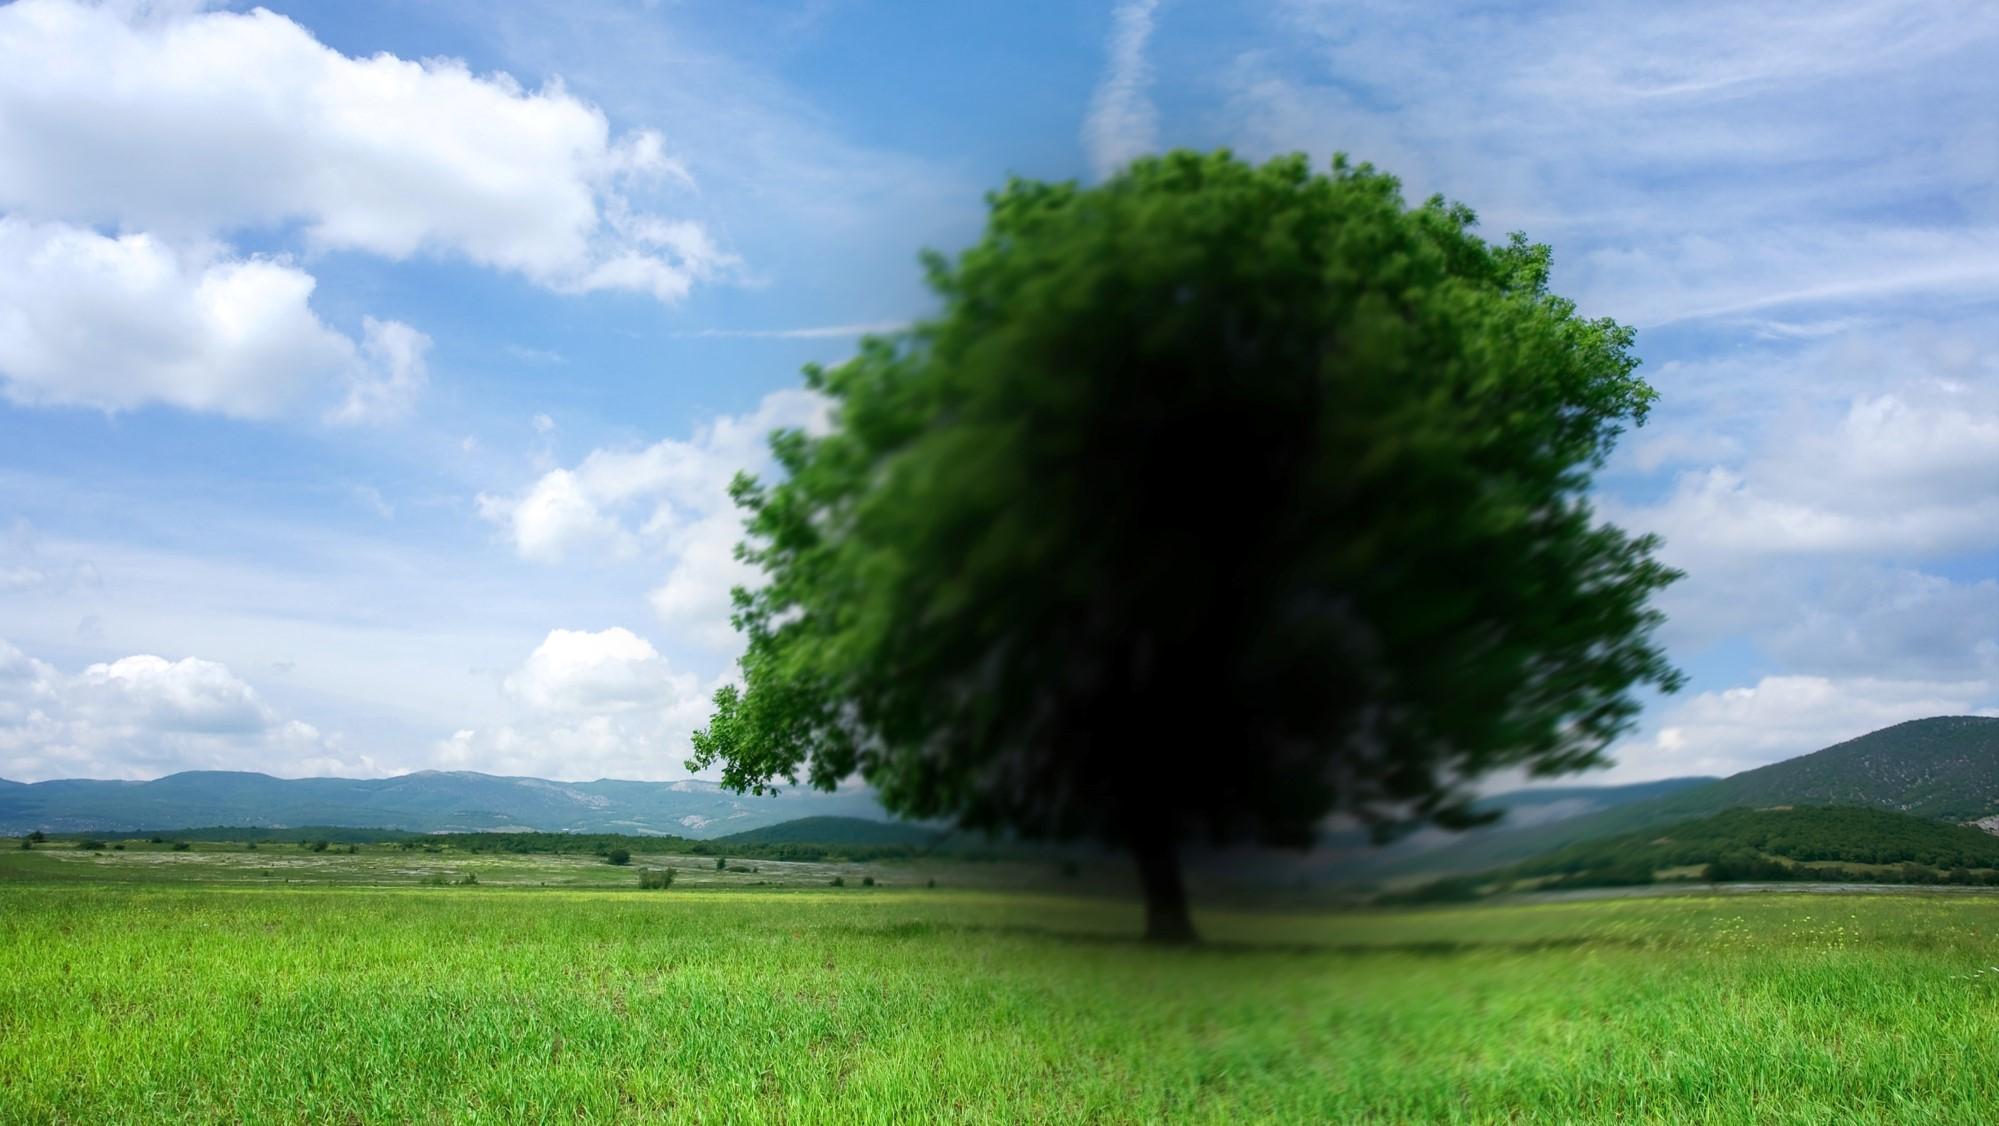 Een boom met zwarte vlek in het centrum van het beeld.